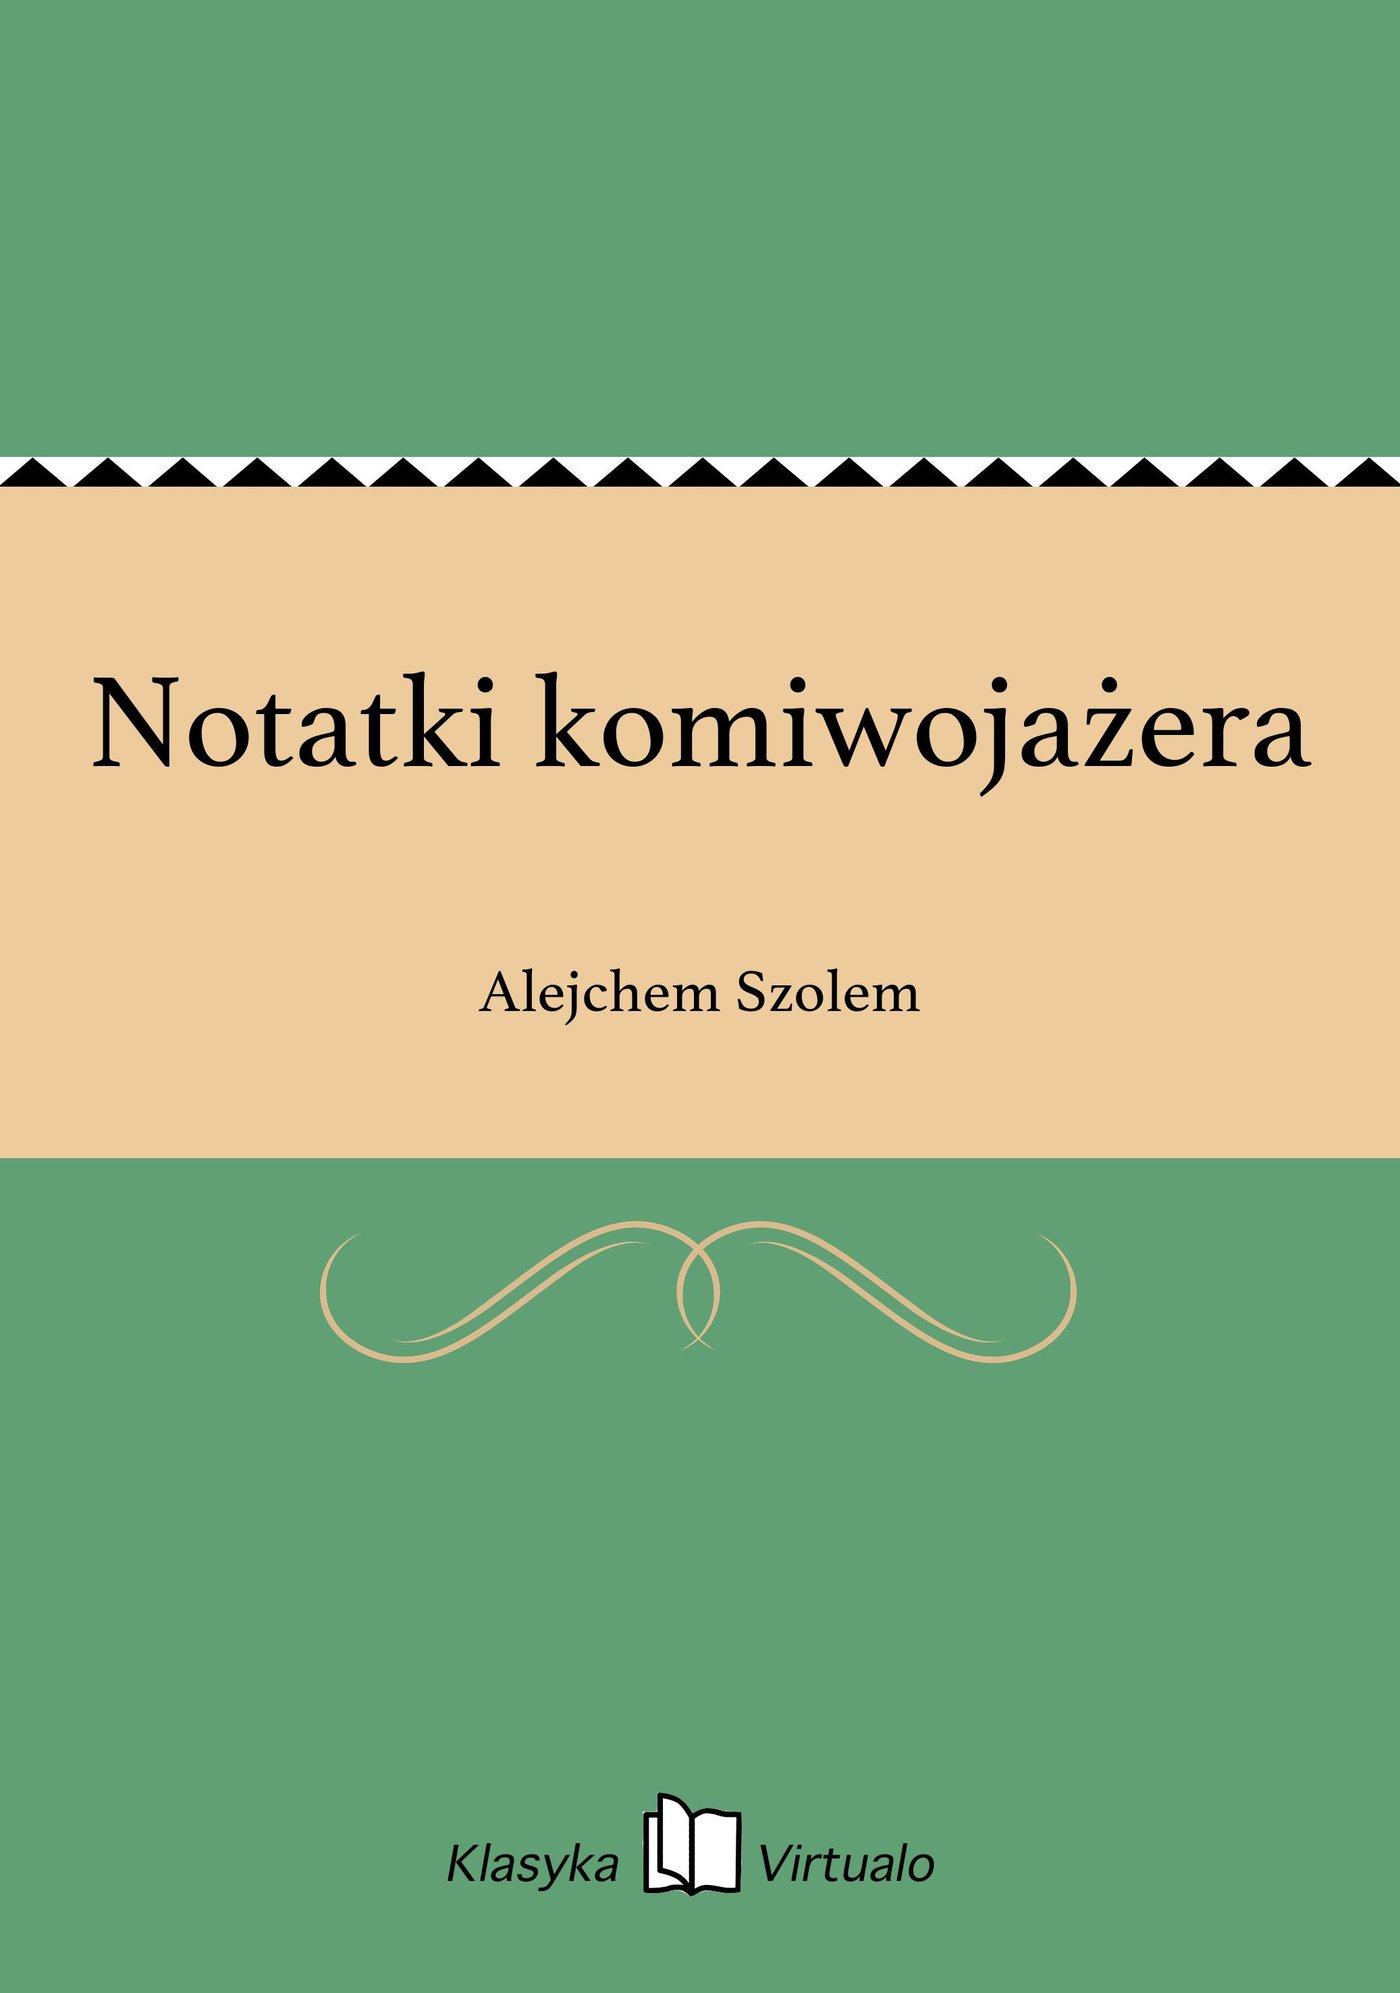 Notatki komiwojażera - Ebook (Książka EPUB) do pobrania w formacie EPUB